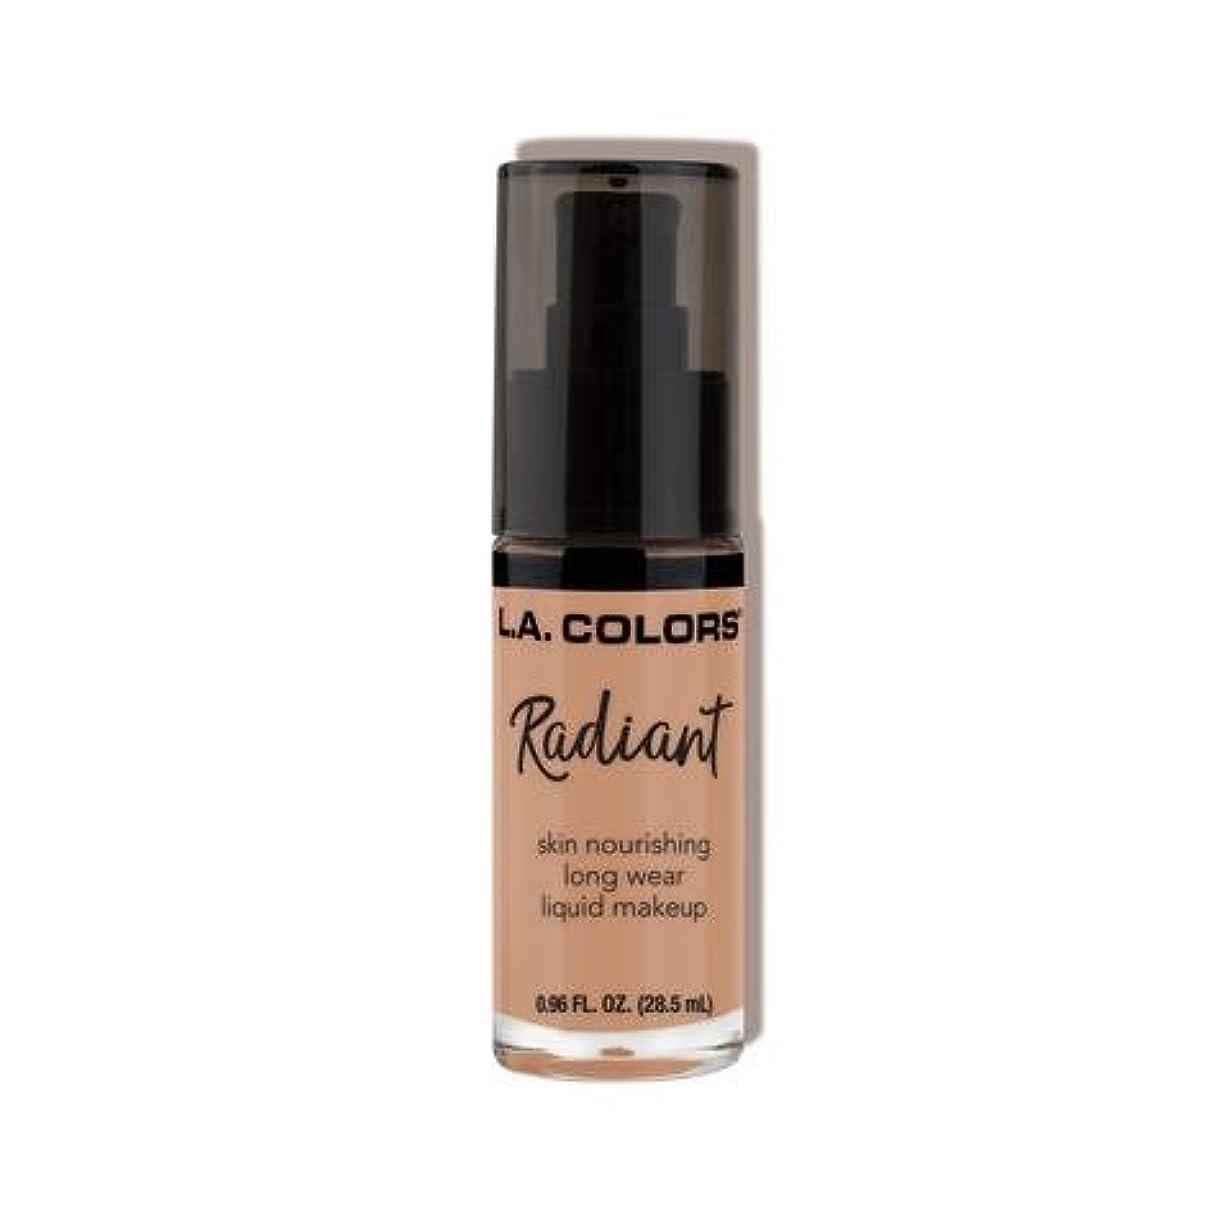 混乱した月曜トレーニング(3 Pack) L.A. COLORS Radiant Liquid Makeup - Golden Honey (並行輸入品)